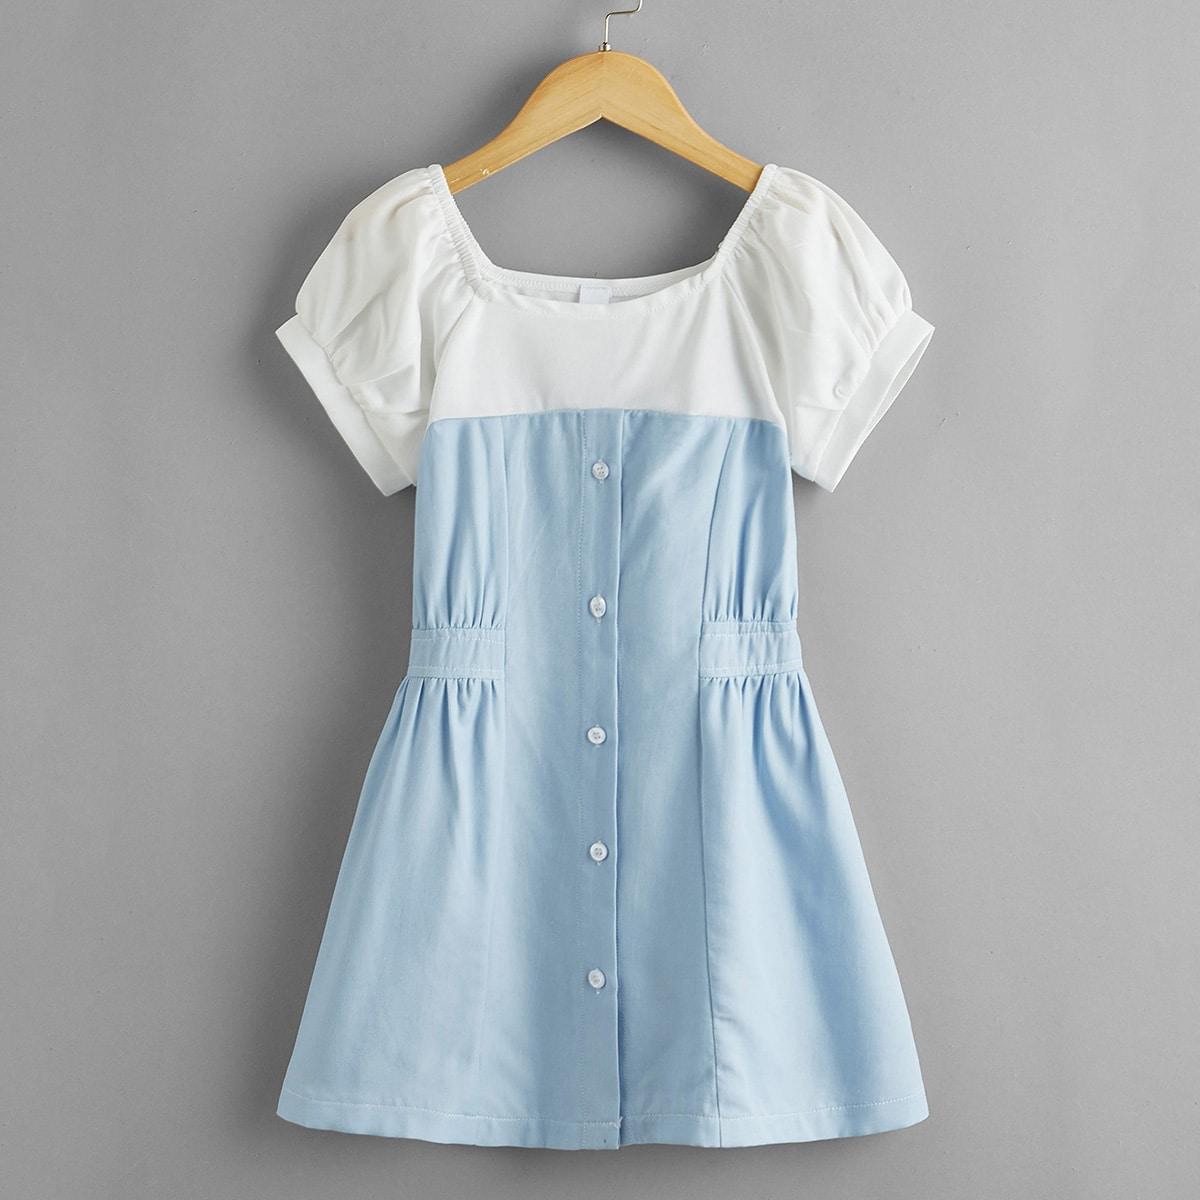 Пуговица контрастный цвет повседневный джинсовые платья для девочек